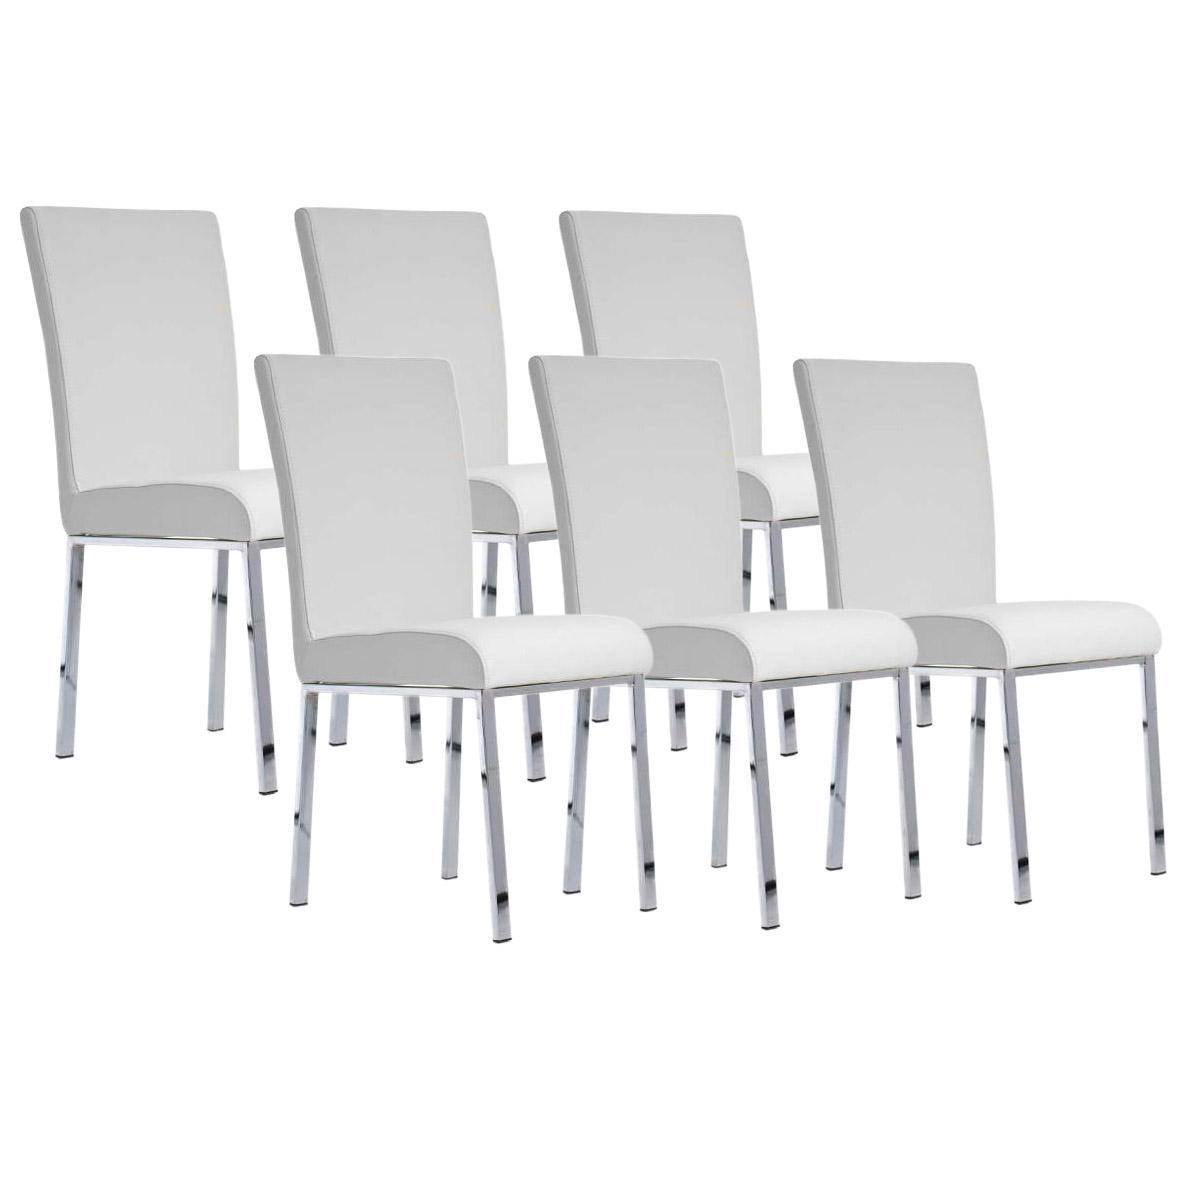 Lote 6 sillas de comedor o cocina carlo patas en metal for Sillas de comedor de piel